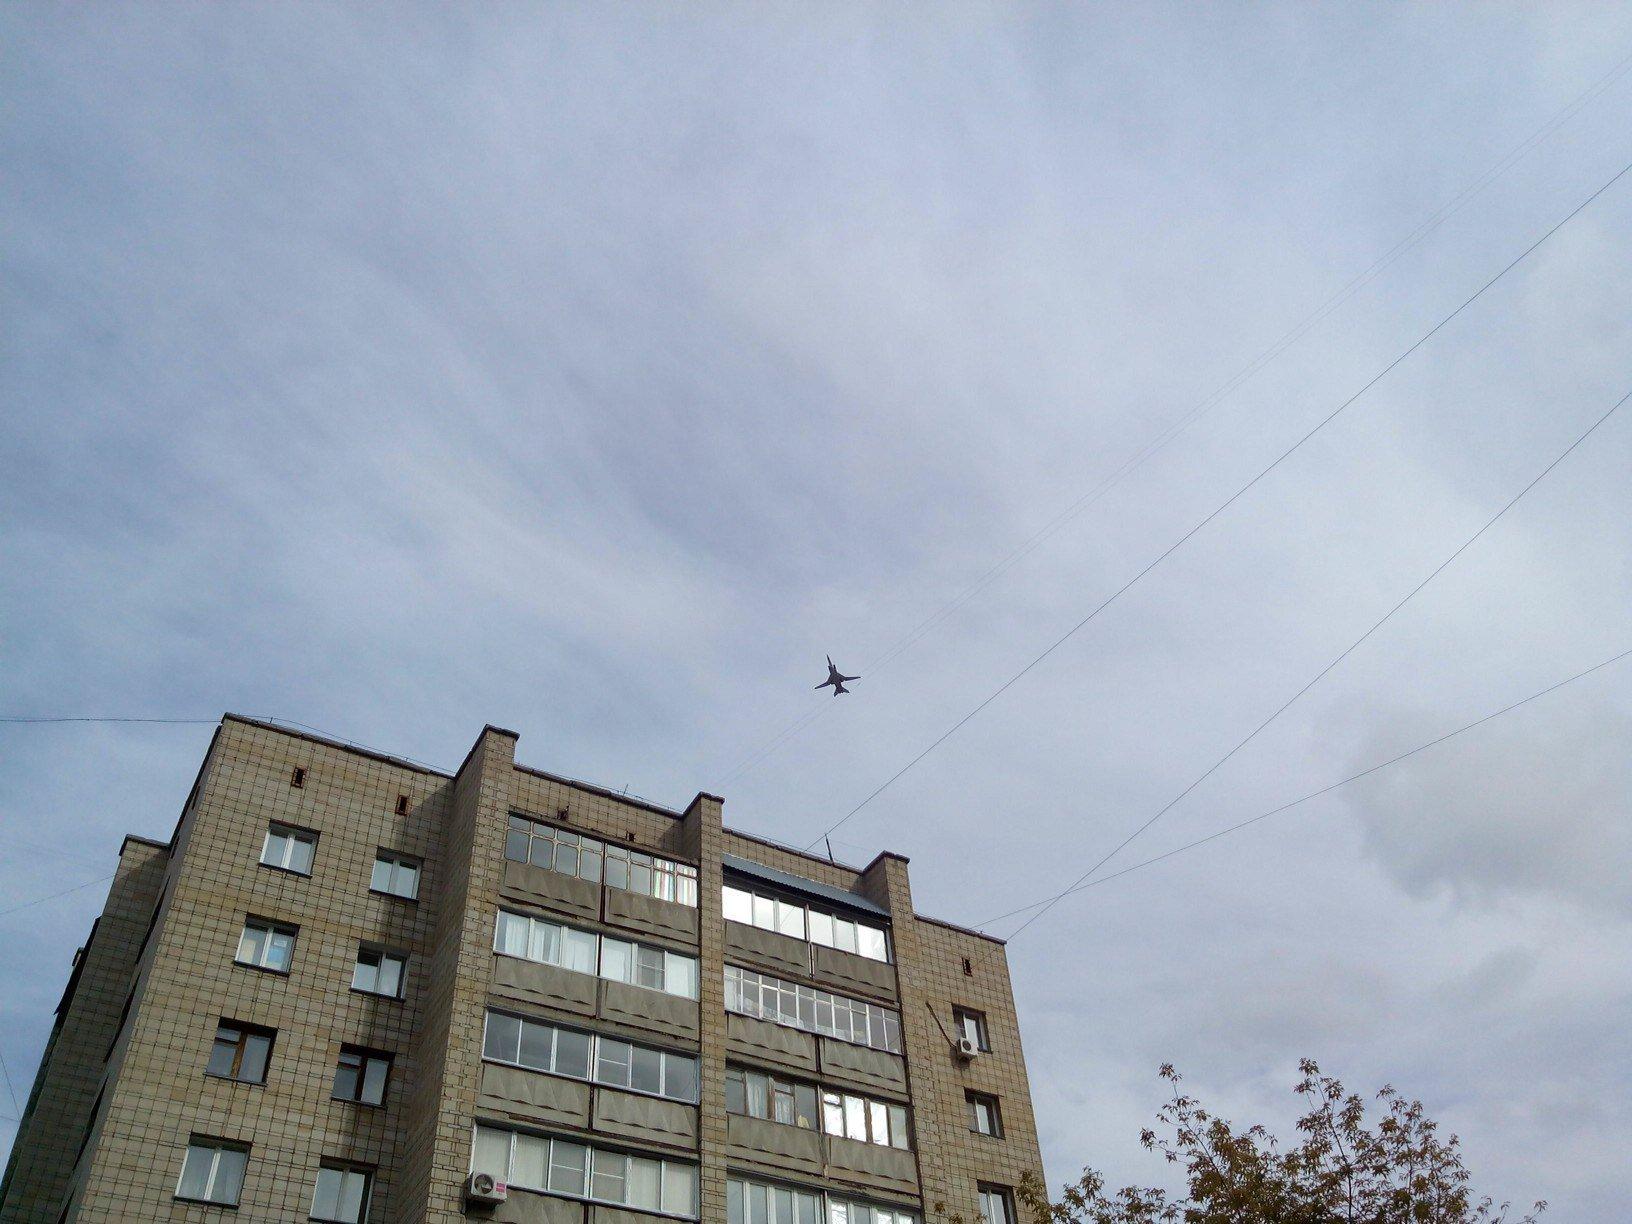 Orosz légi és kozmikus erők NPNfmZ49eeM